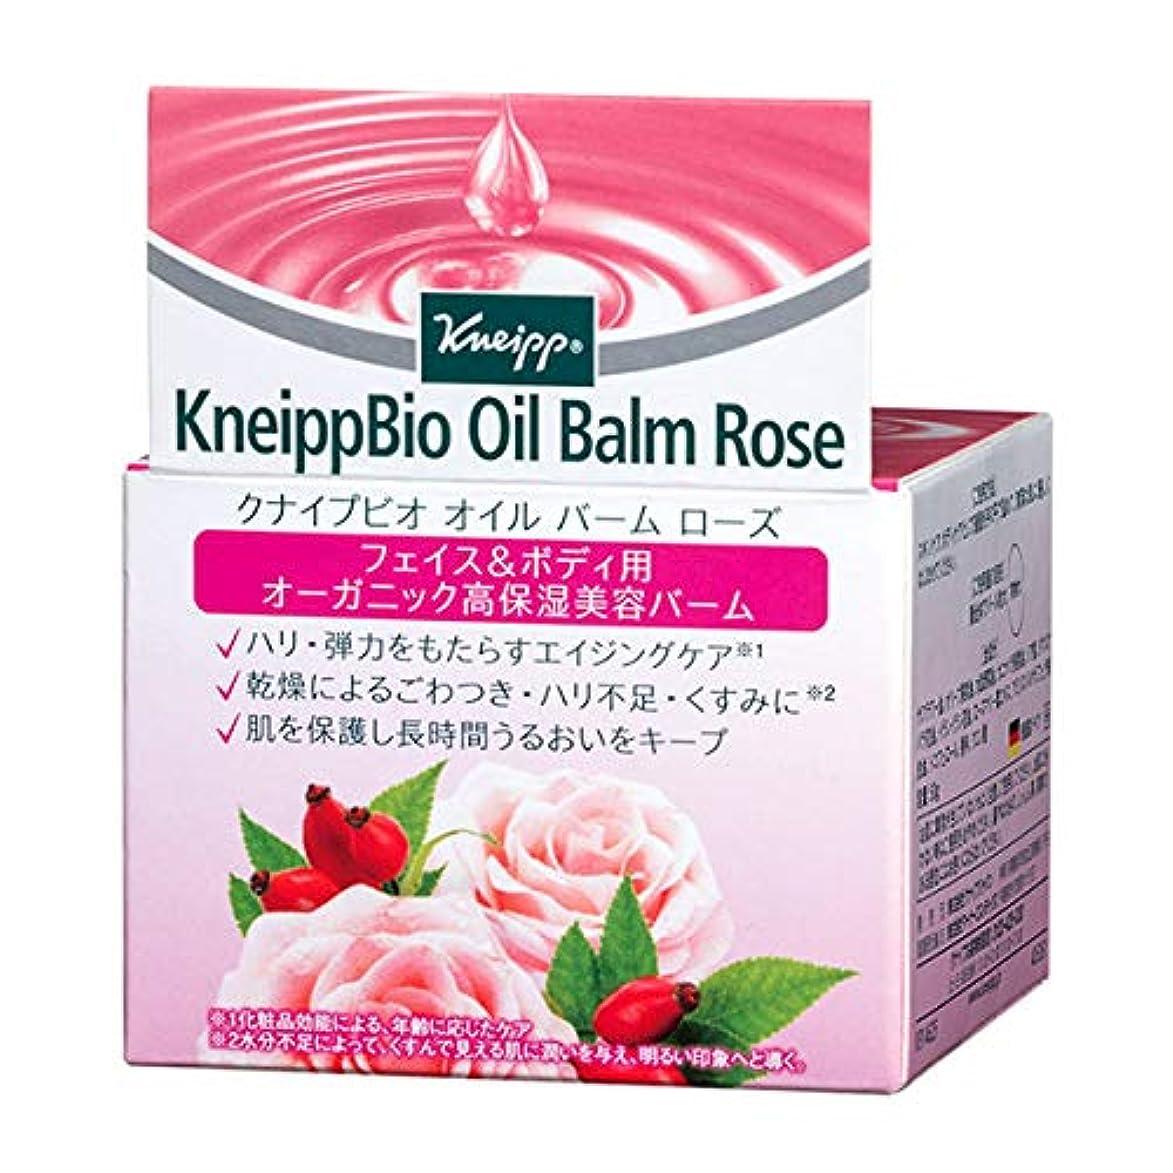 コーヒーログクリープクナイプ(Kneipp) クナイプビオ オイル バーム ローズ 50g 美容液